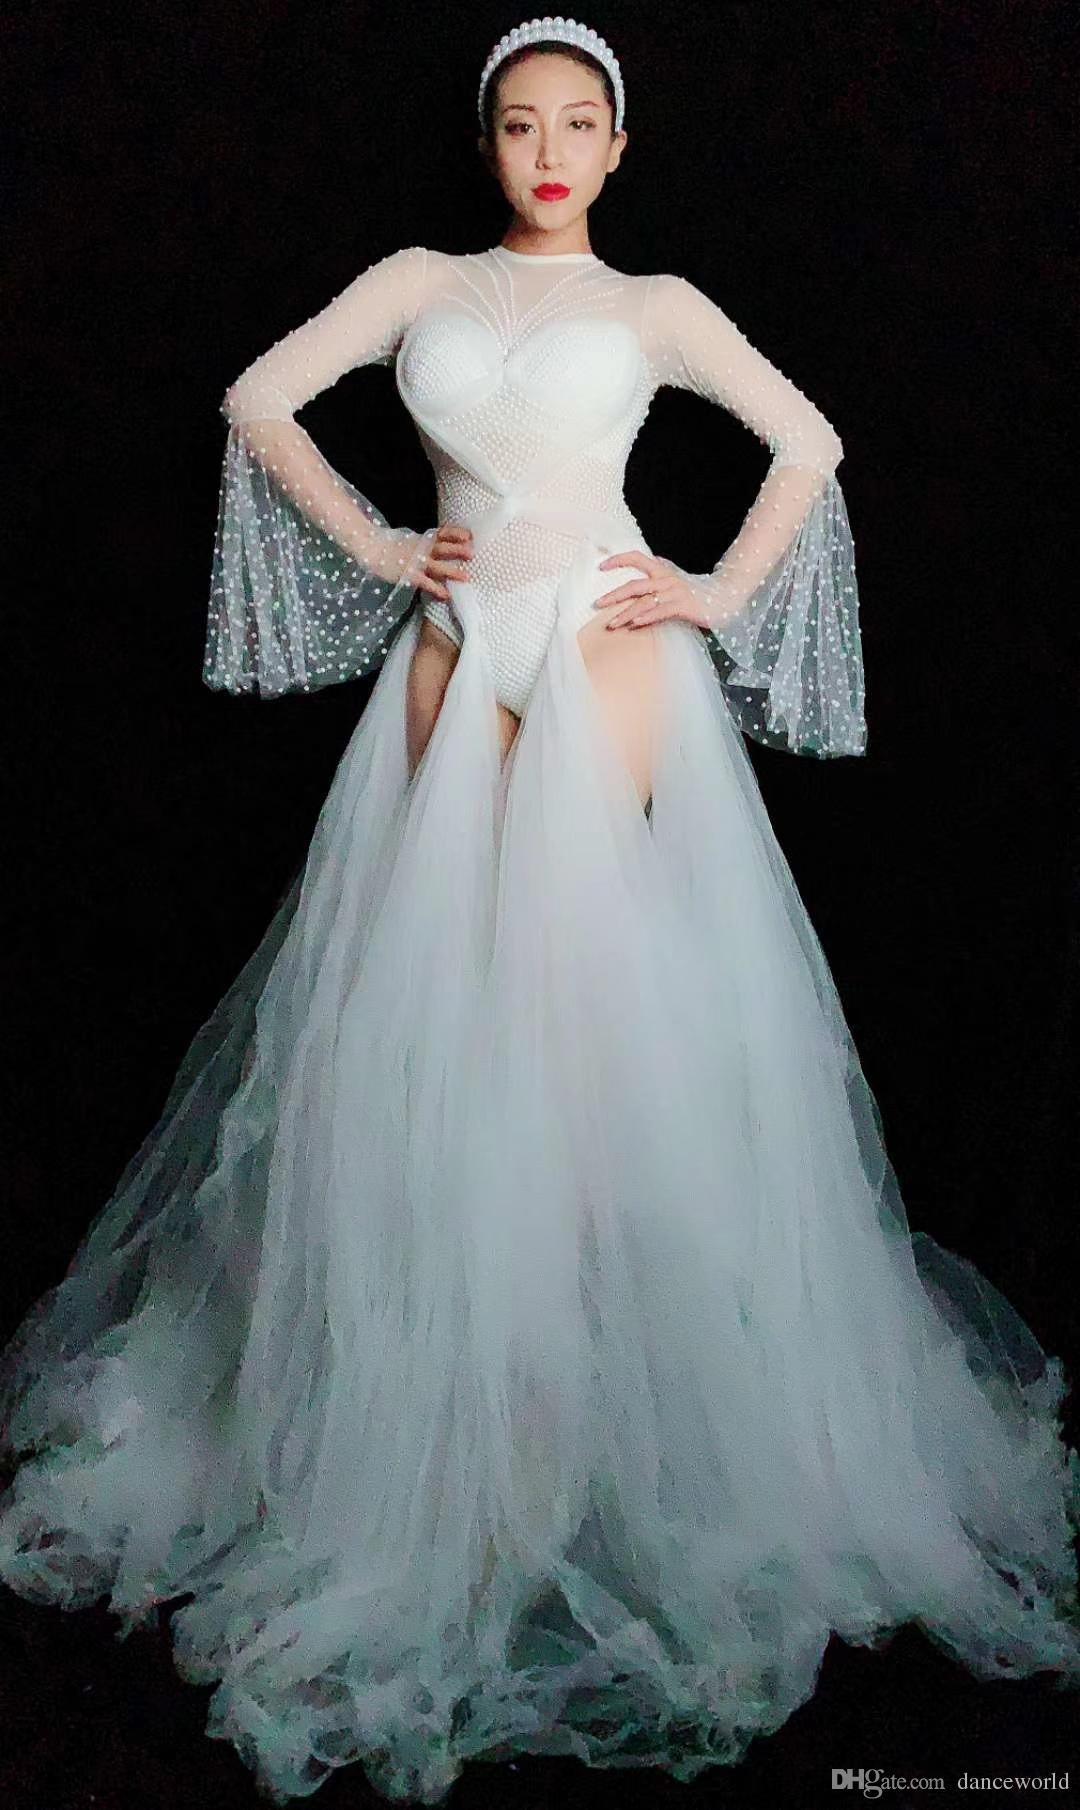 10 Spektakulär Kleid Für Abend Stylish20 Leicht Kleid Für Abend Bester Preis